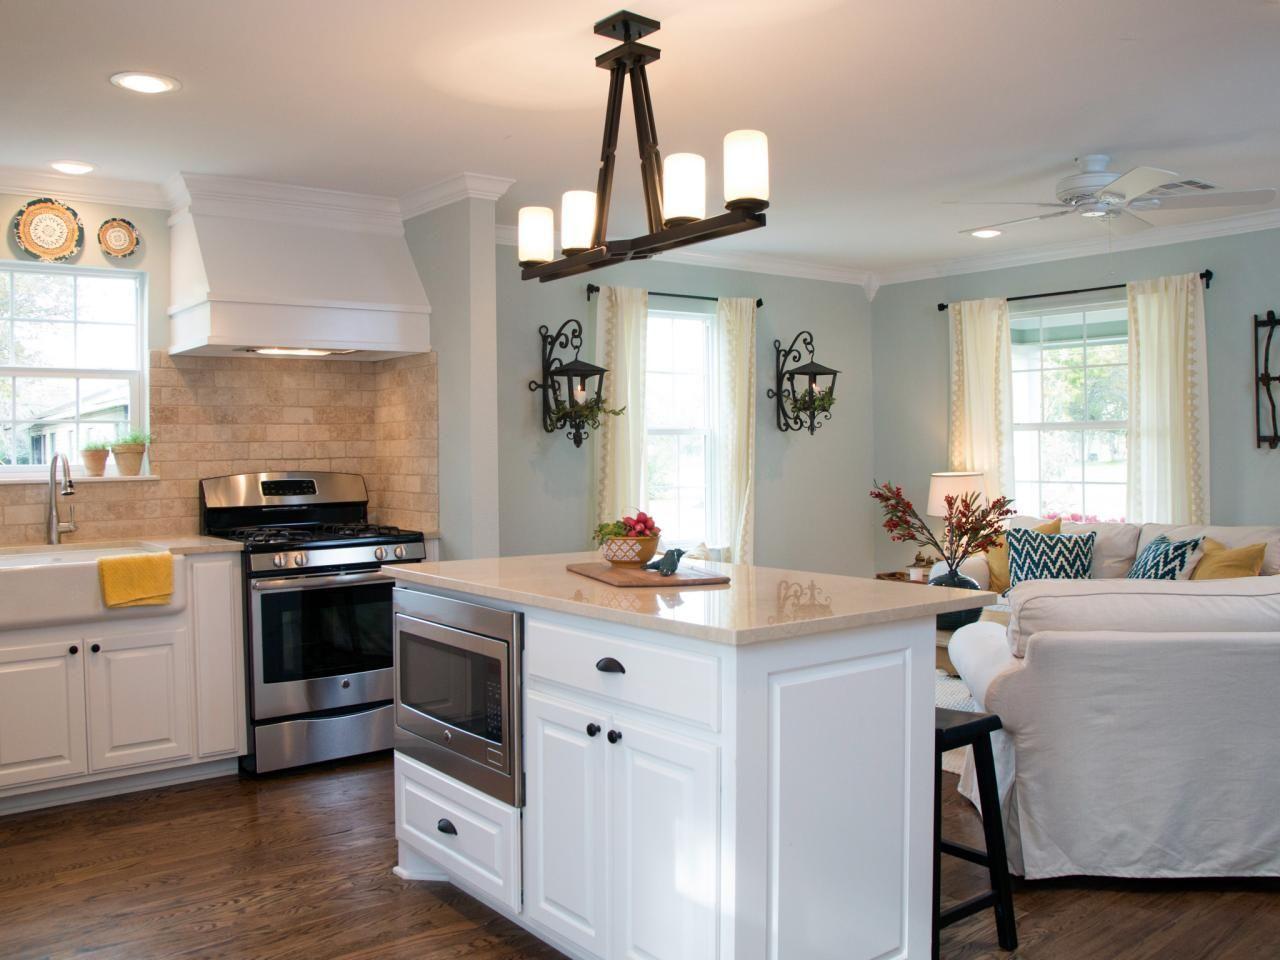 48 farmhouse kitchen lighting joanna gaines https silahsilah com design 48 farmhouse kitchen on farmhouse kitchen joanna gaines design id=25488